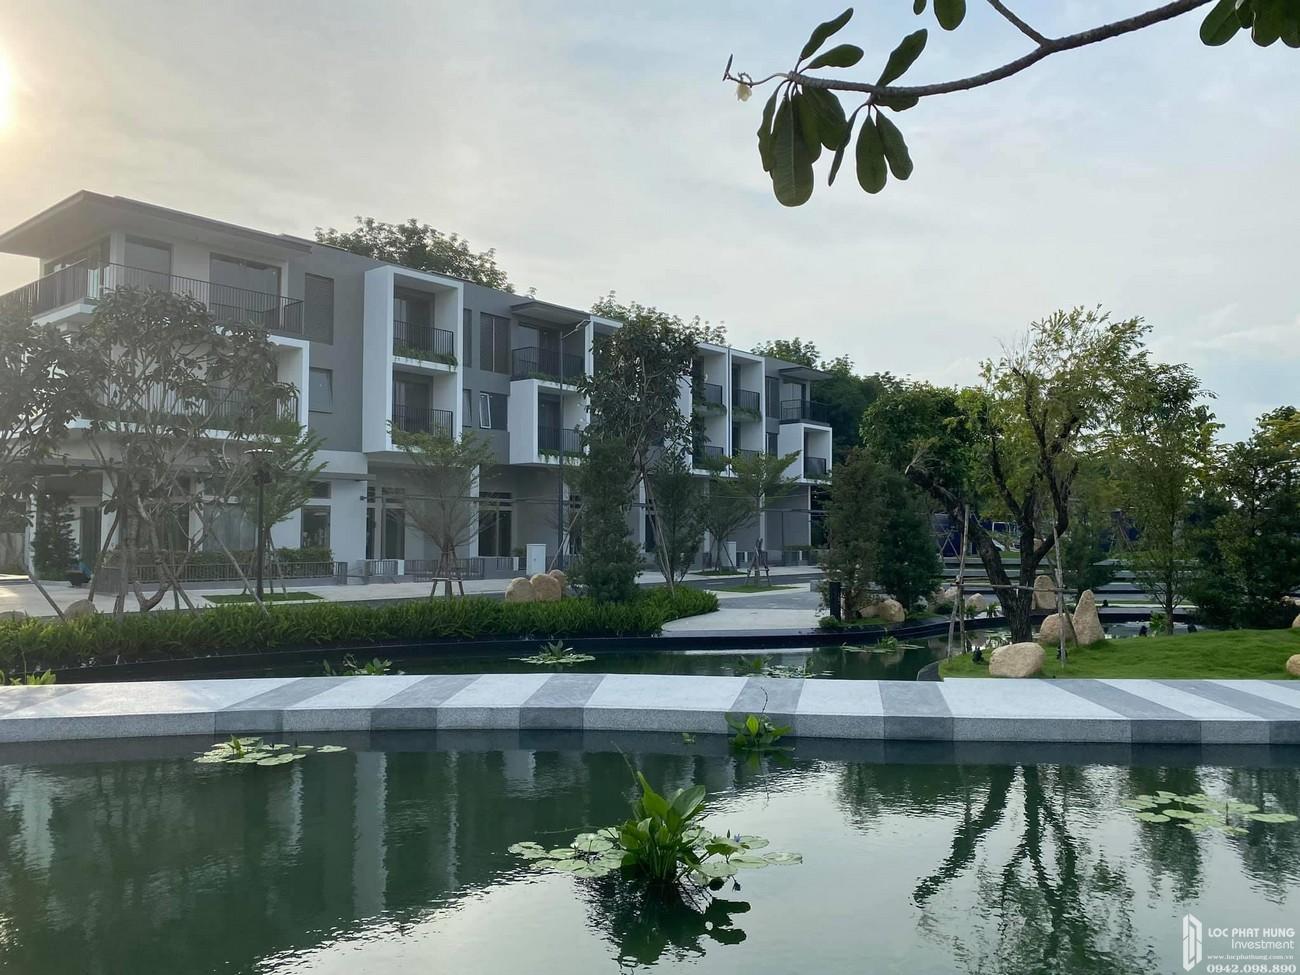 Tiến độ The Standard Central Park dự án nhà phố Bình Dương chủ đầu tư An Gia - cập nhật ngày 21/08/2020